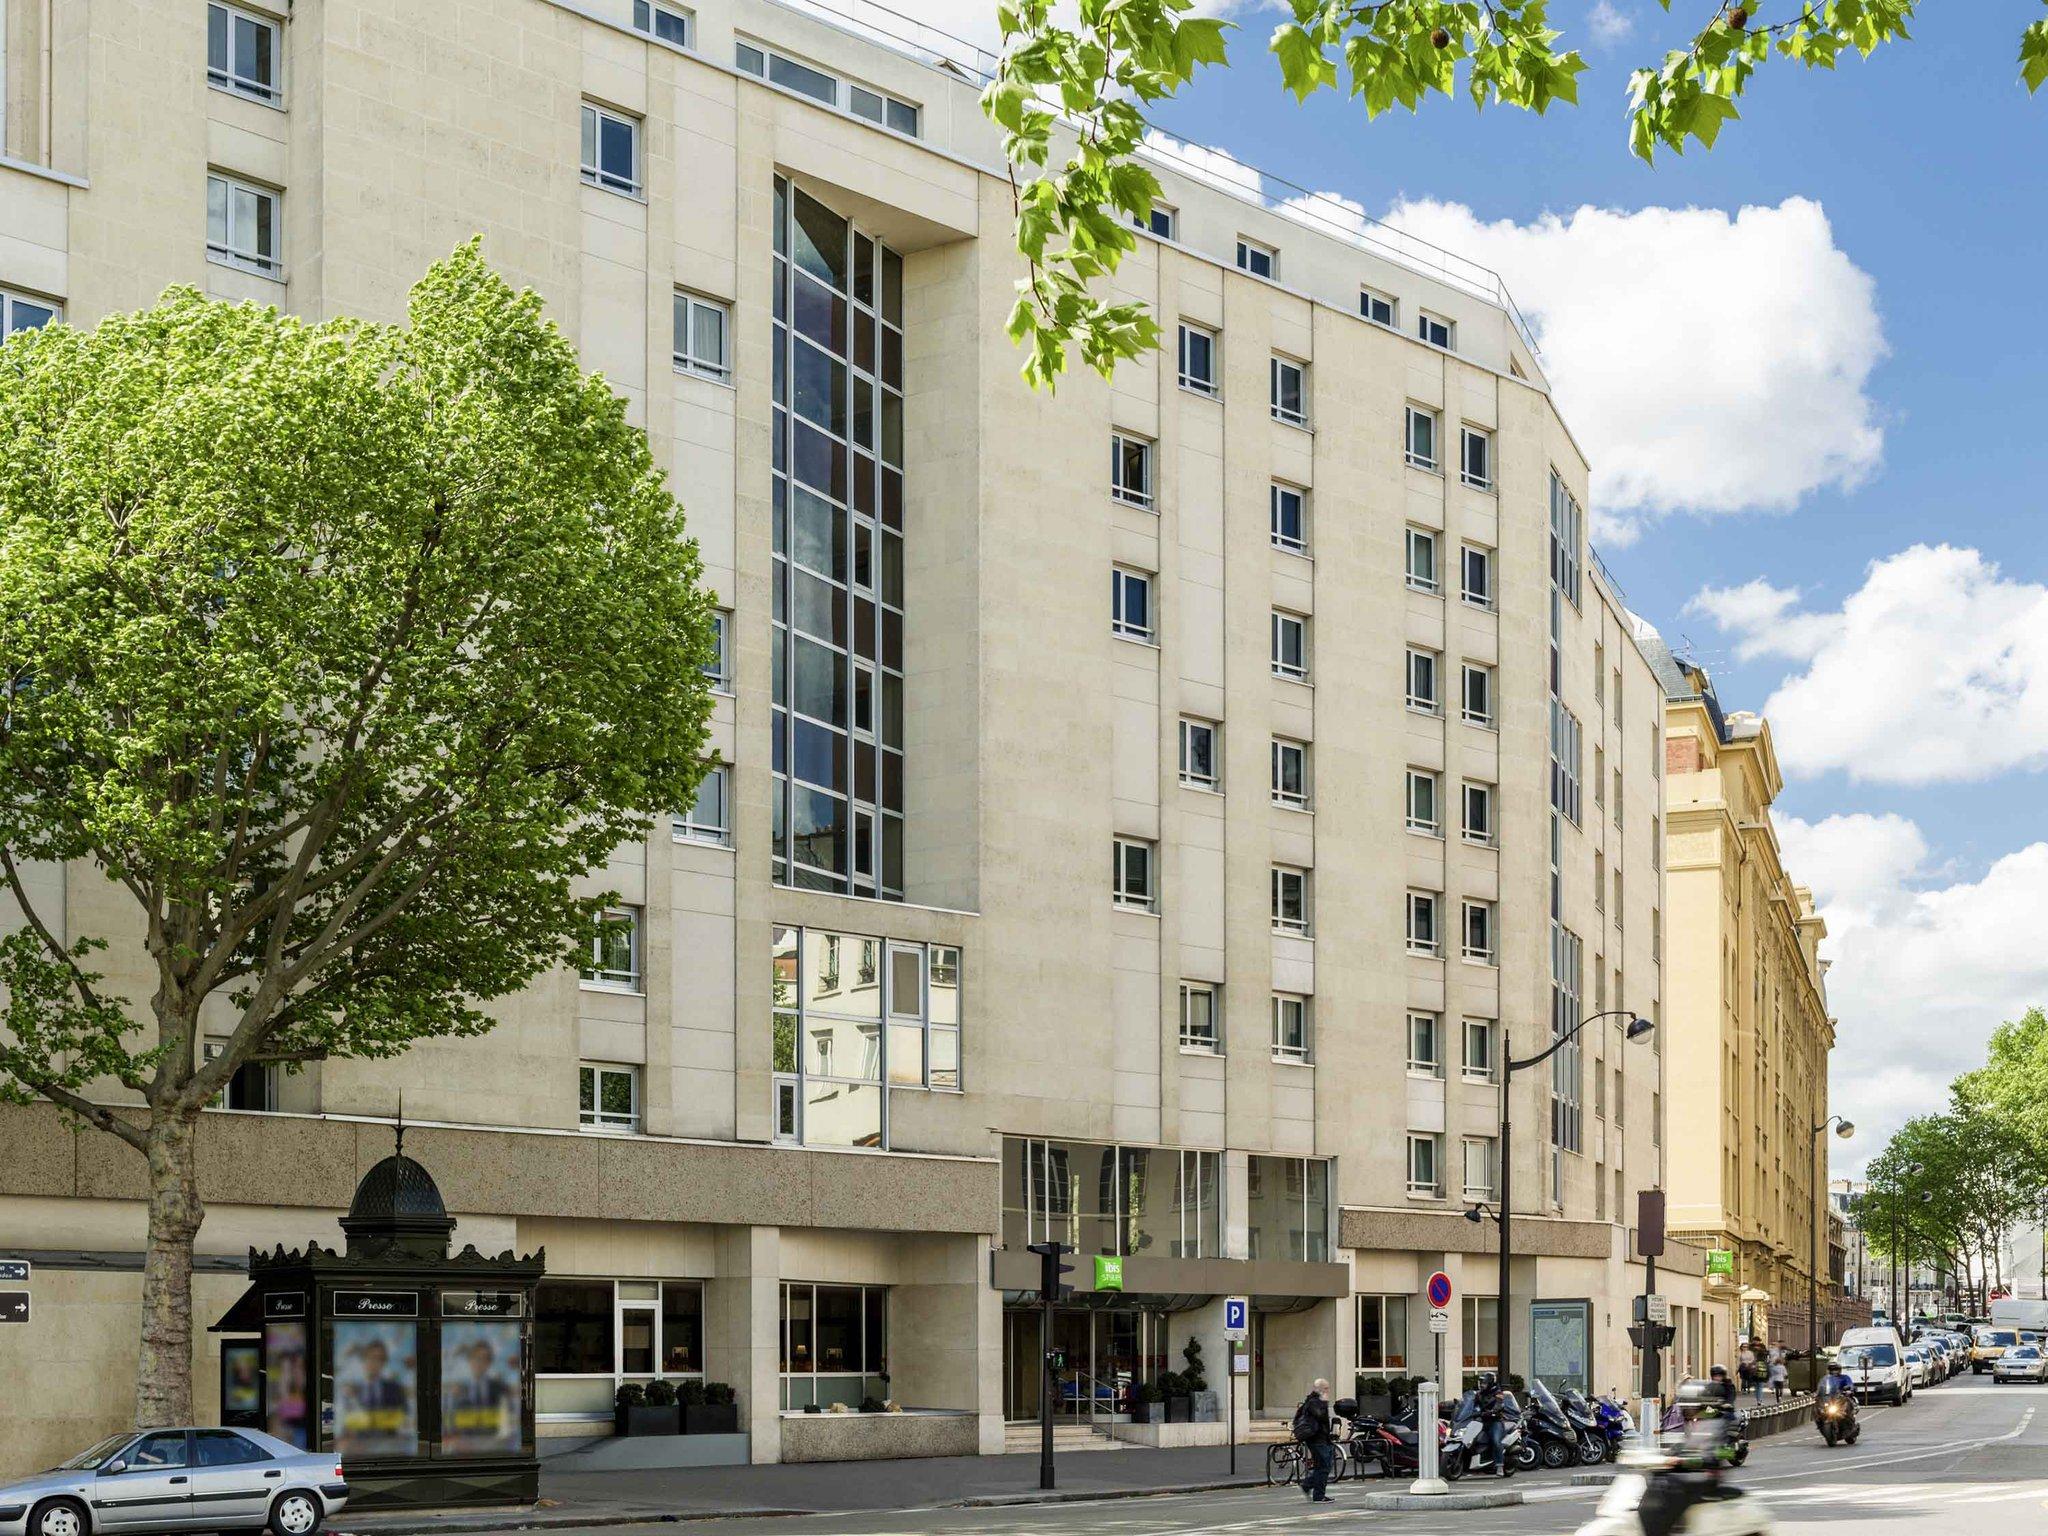 offerte di viaggi a parigi da ? 124 - logitravel.it - Zona Migliore Soggiorno Parigi 2